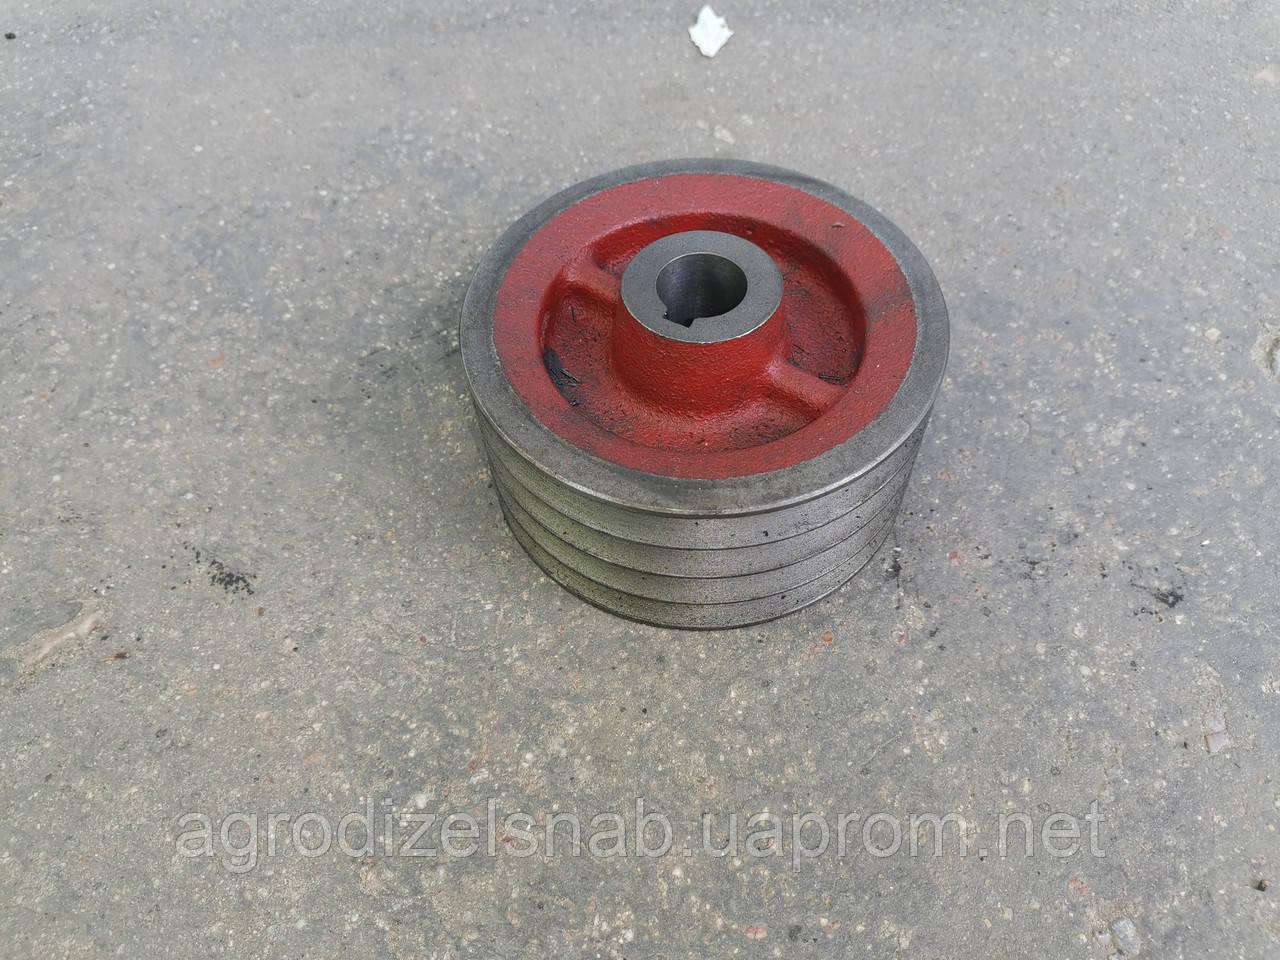 Шкив малый 8250-001-250/8245-036-010-250 (роторная косилка WIRAX Z-169) 4 ручья (d-132)